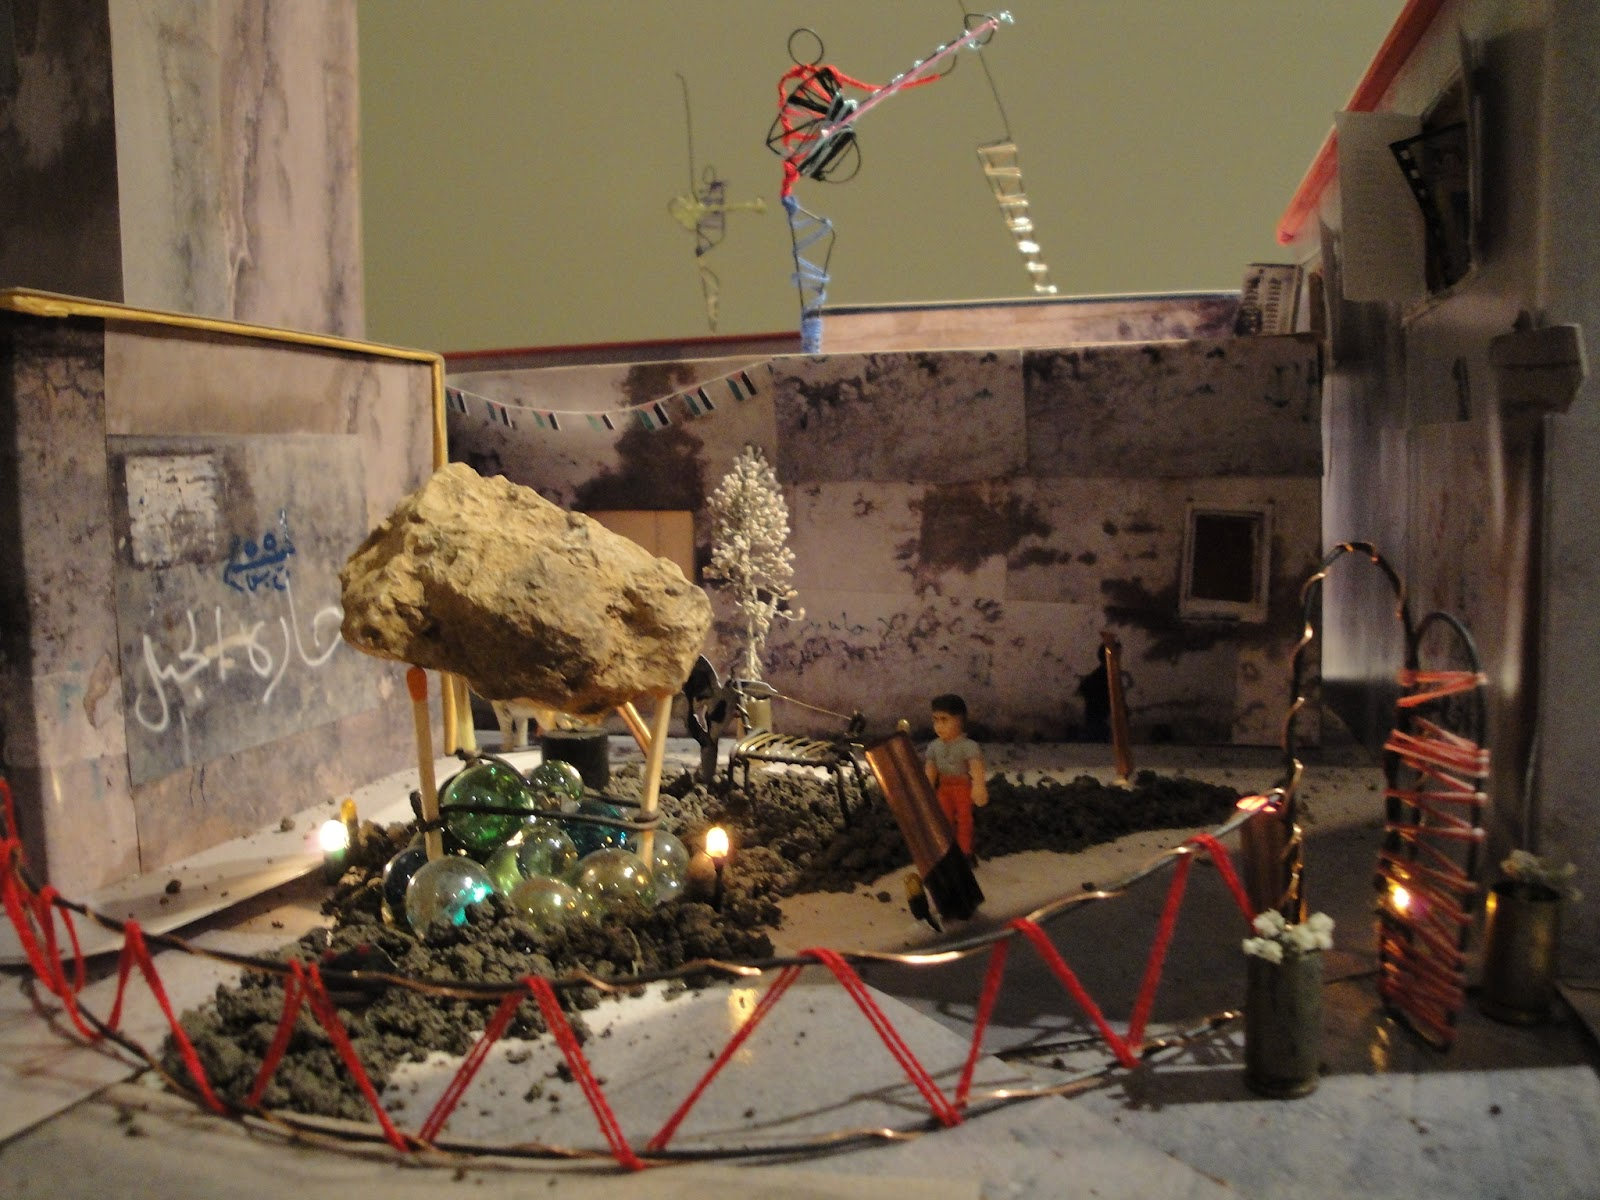 wafa hourani detail 6 saatchi gallery.jpg